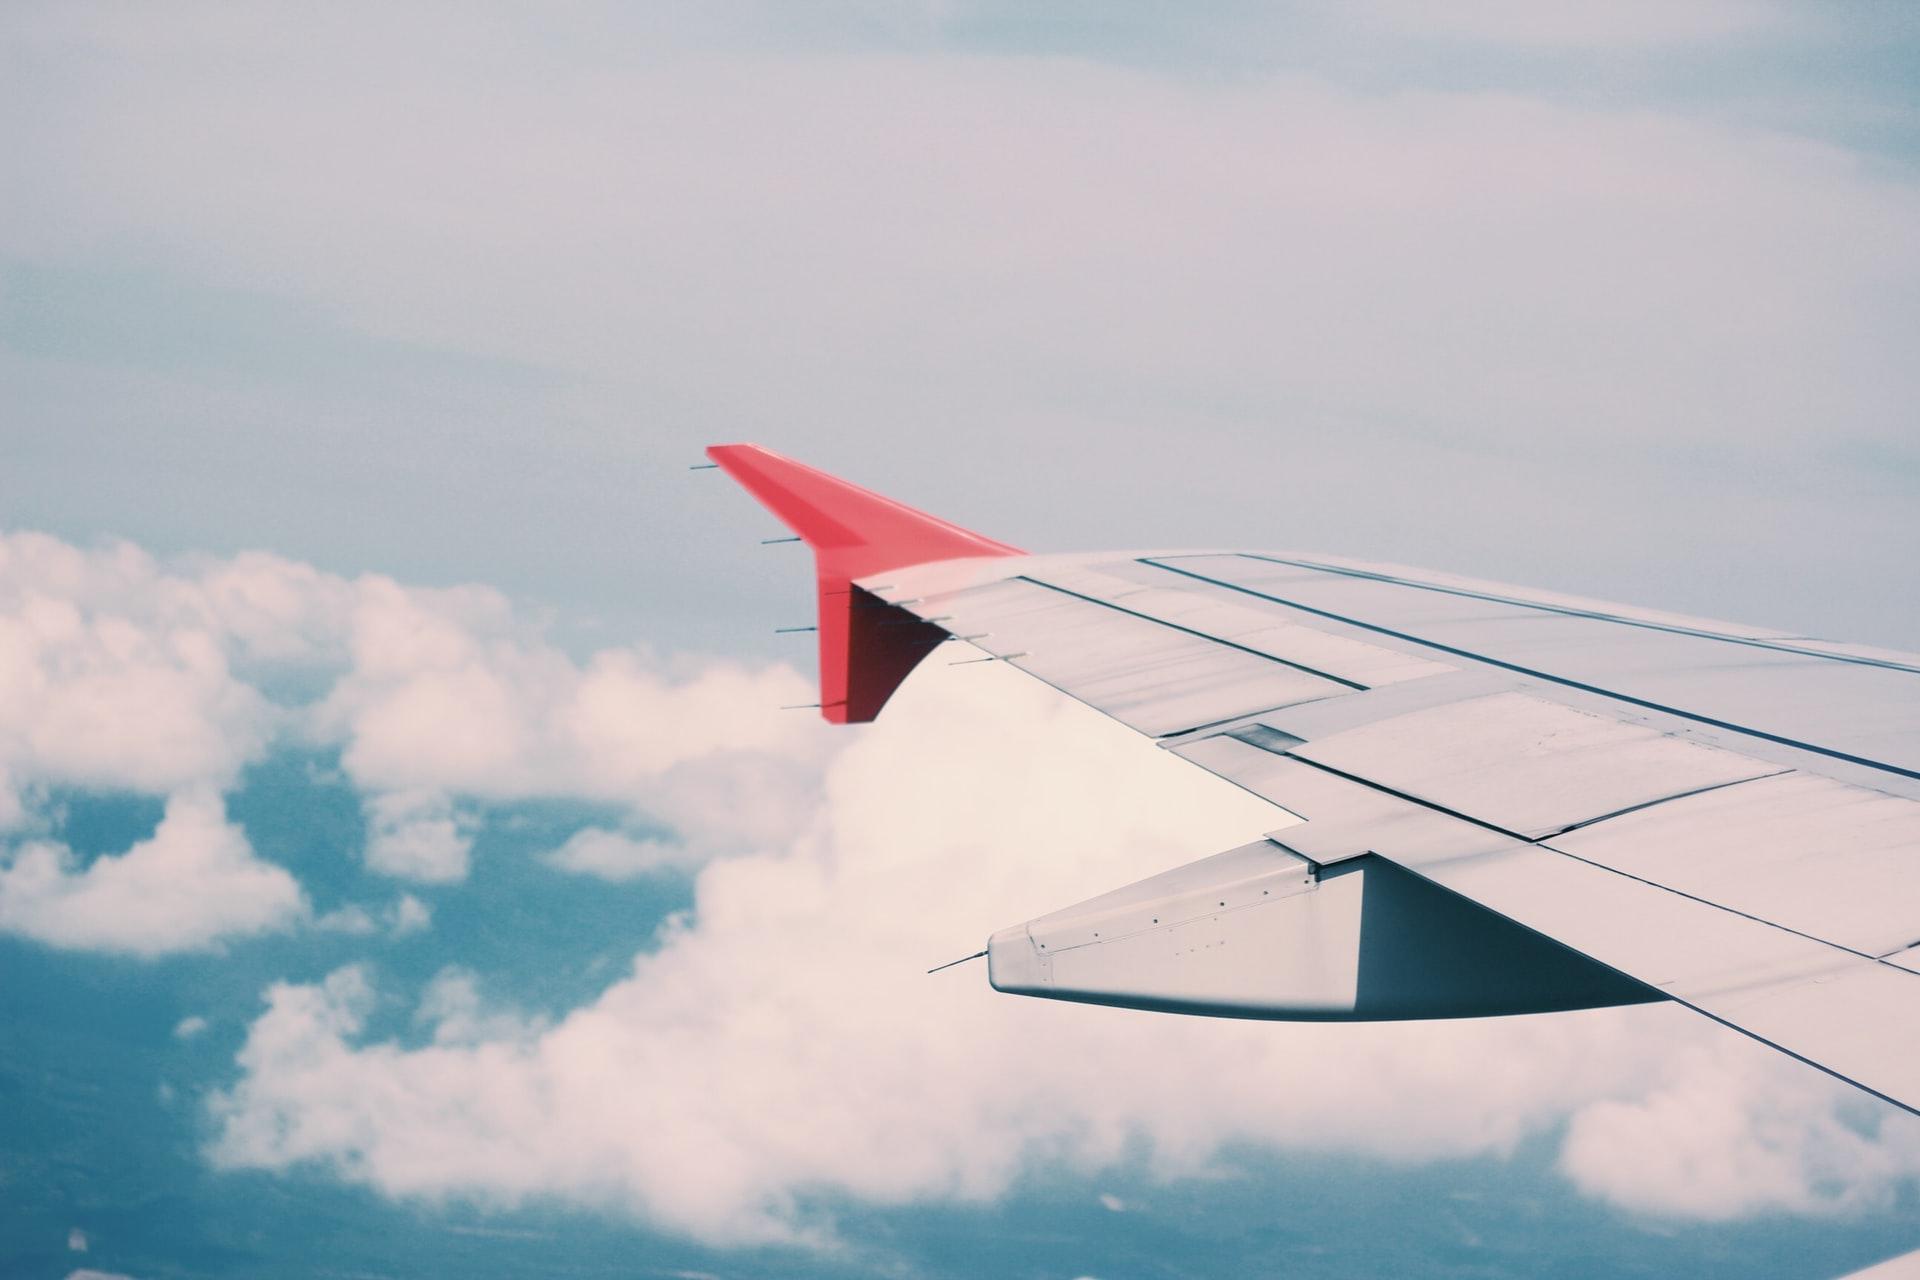 flytning til udlandet